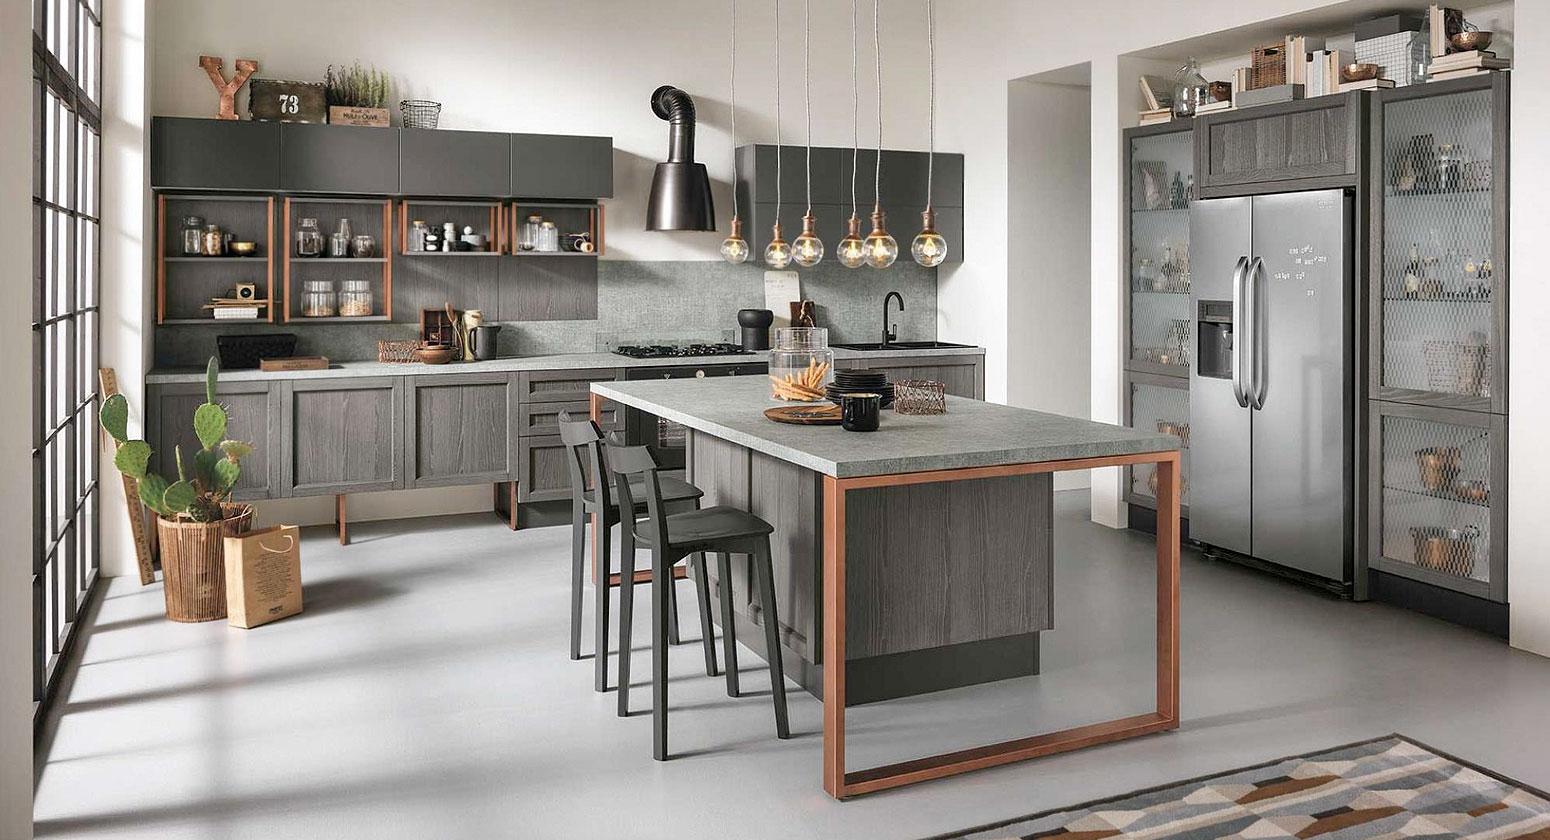 Cucine moderne: Cucina modello Talea